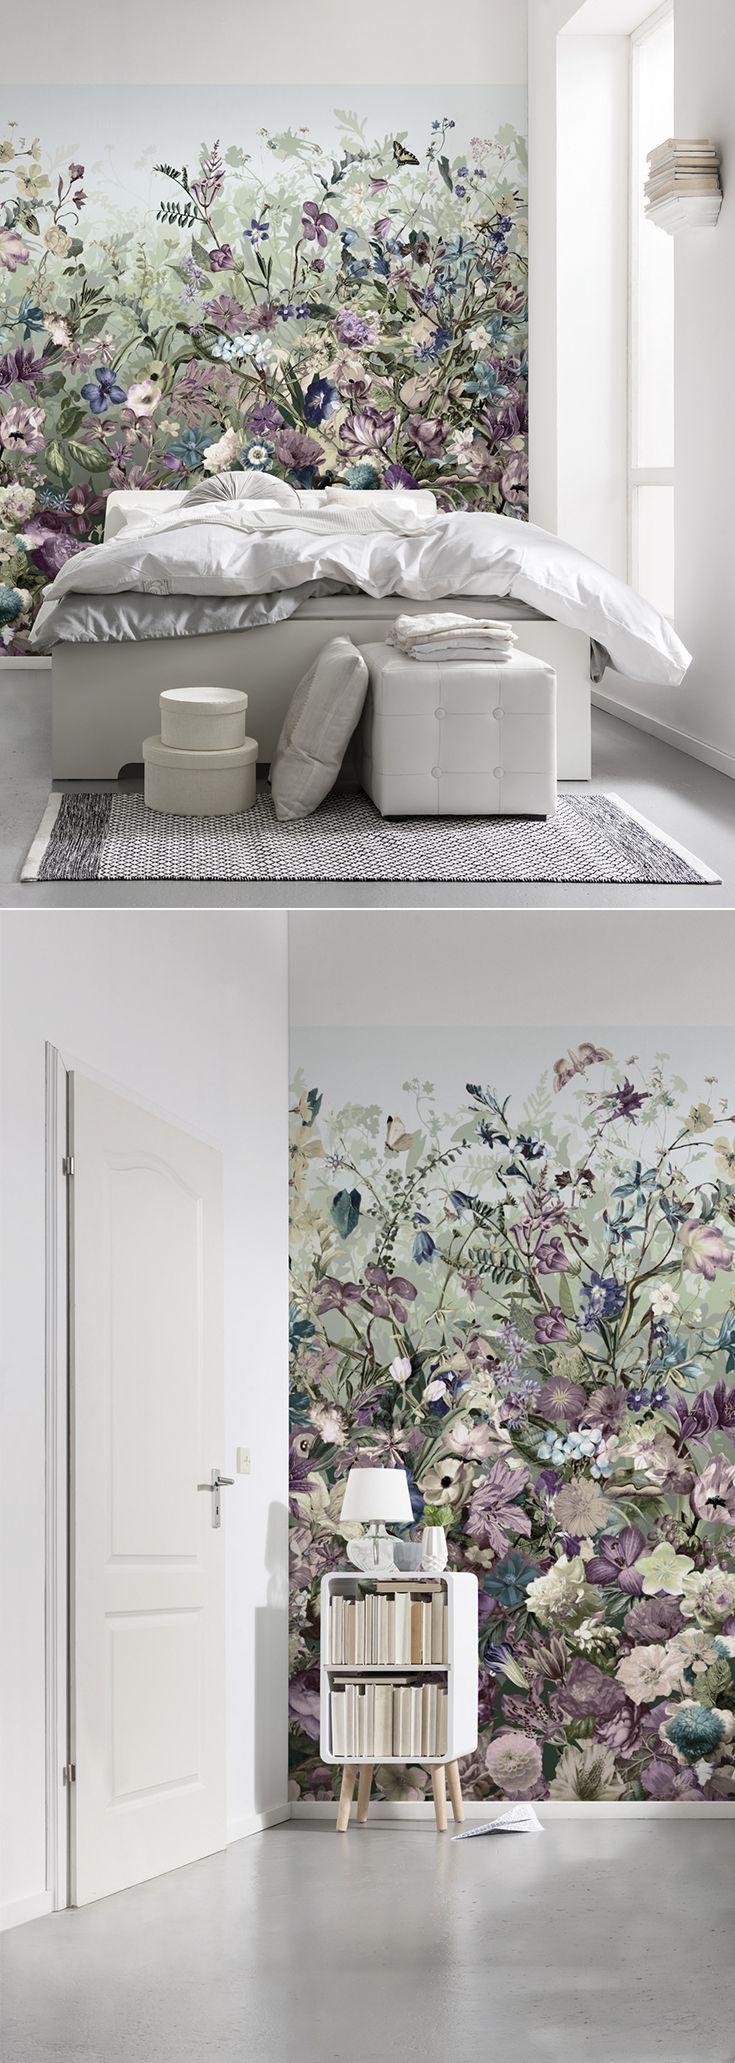 Wie ein Gemälde, die Vlies-Blumentapete an der Wand und ...